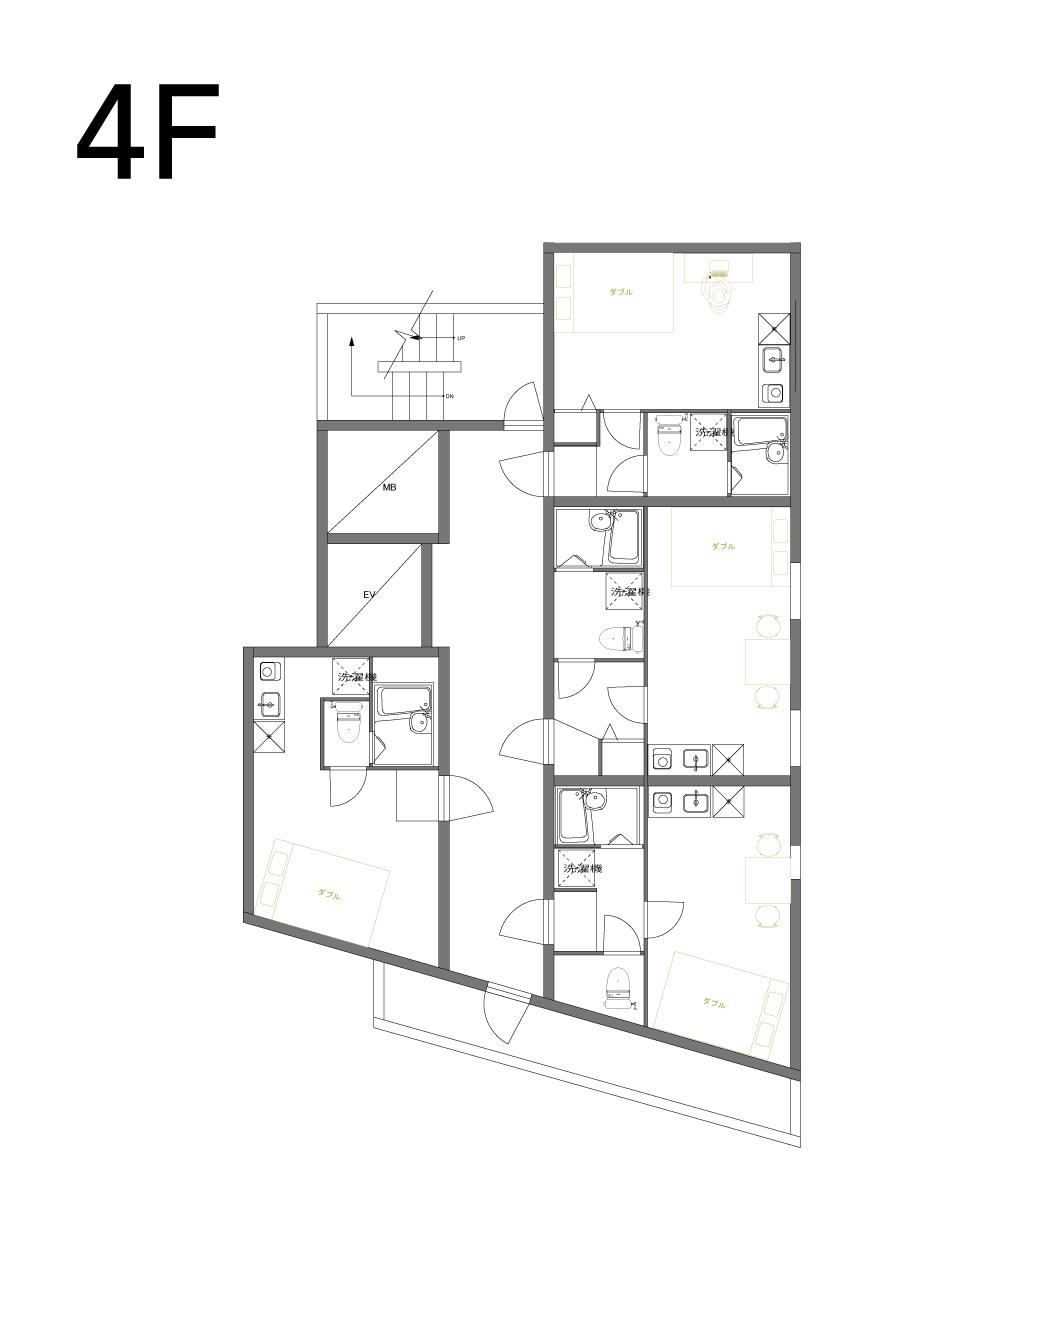 a_SB_floor_4f